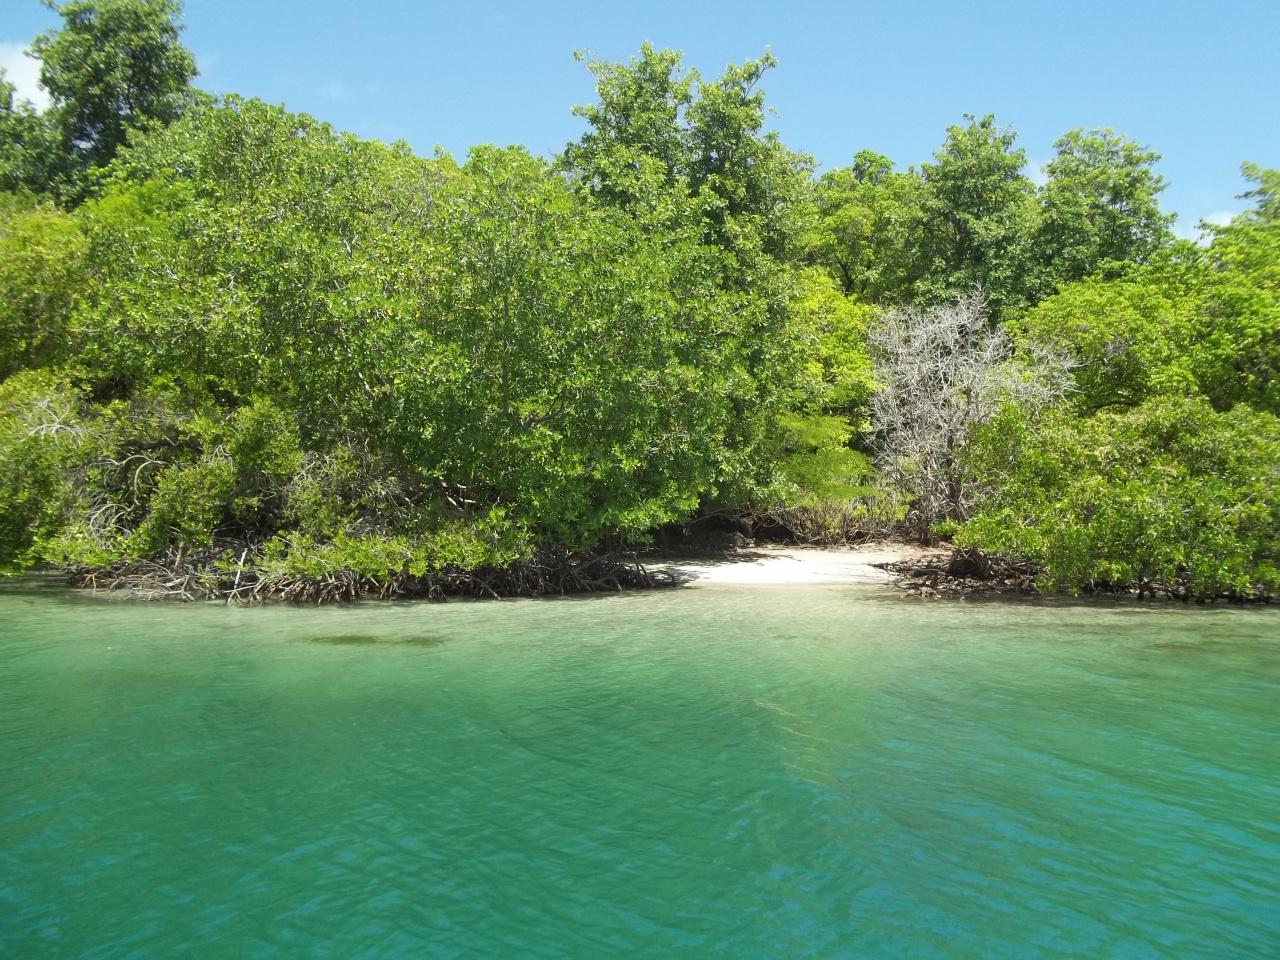 Petite plage entre les arbres de mangrove bordant l'îlet Chancel